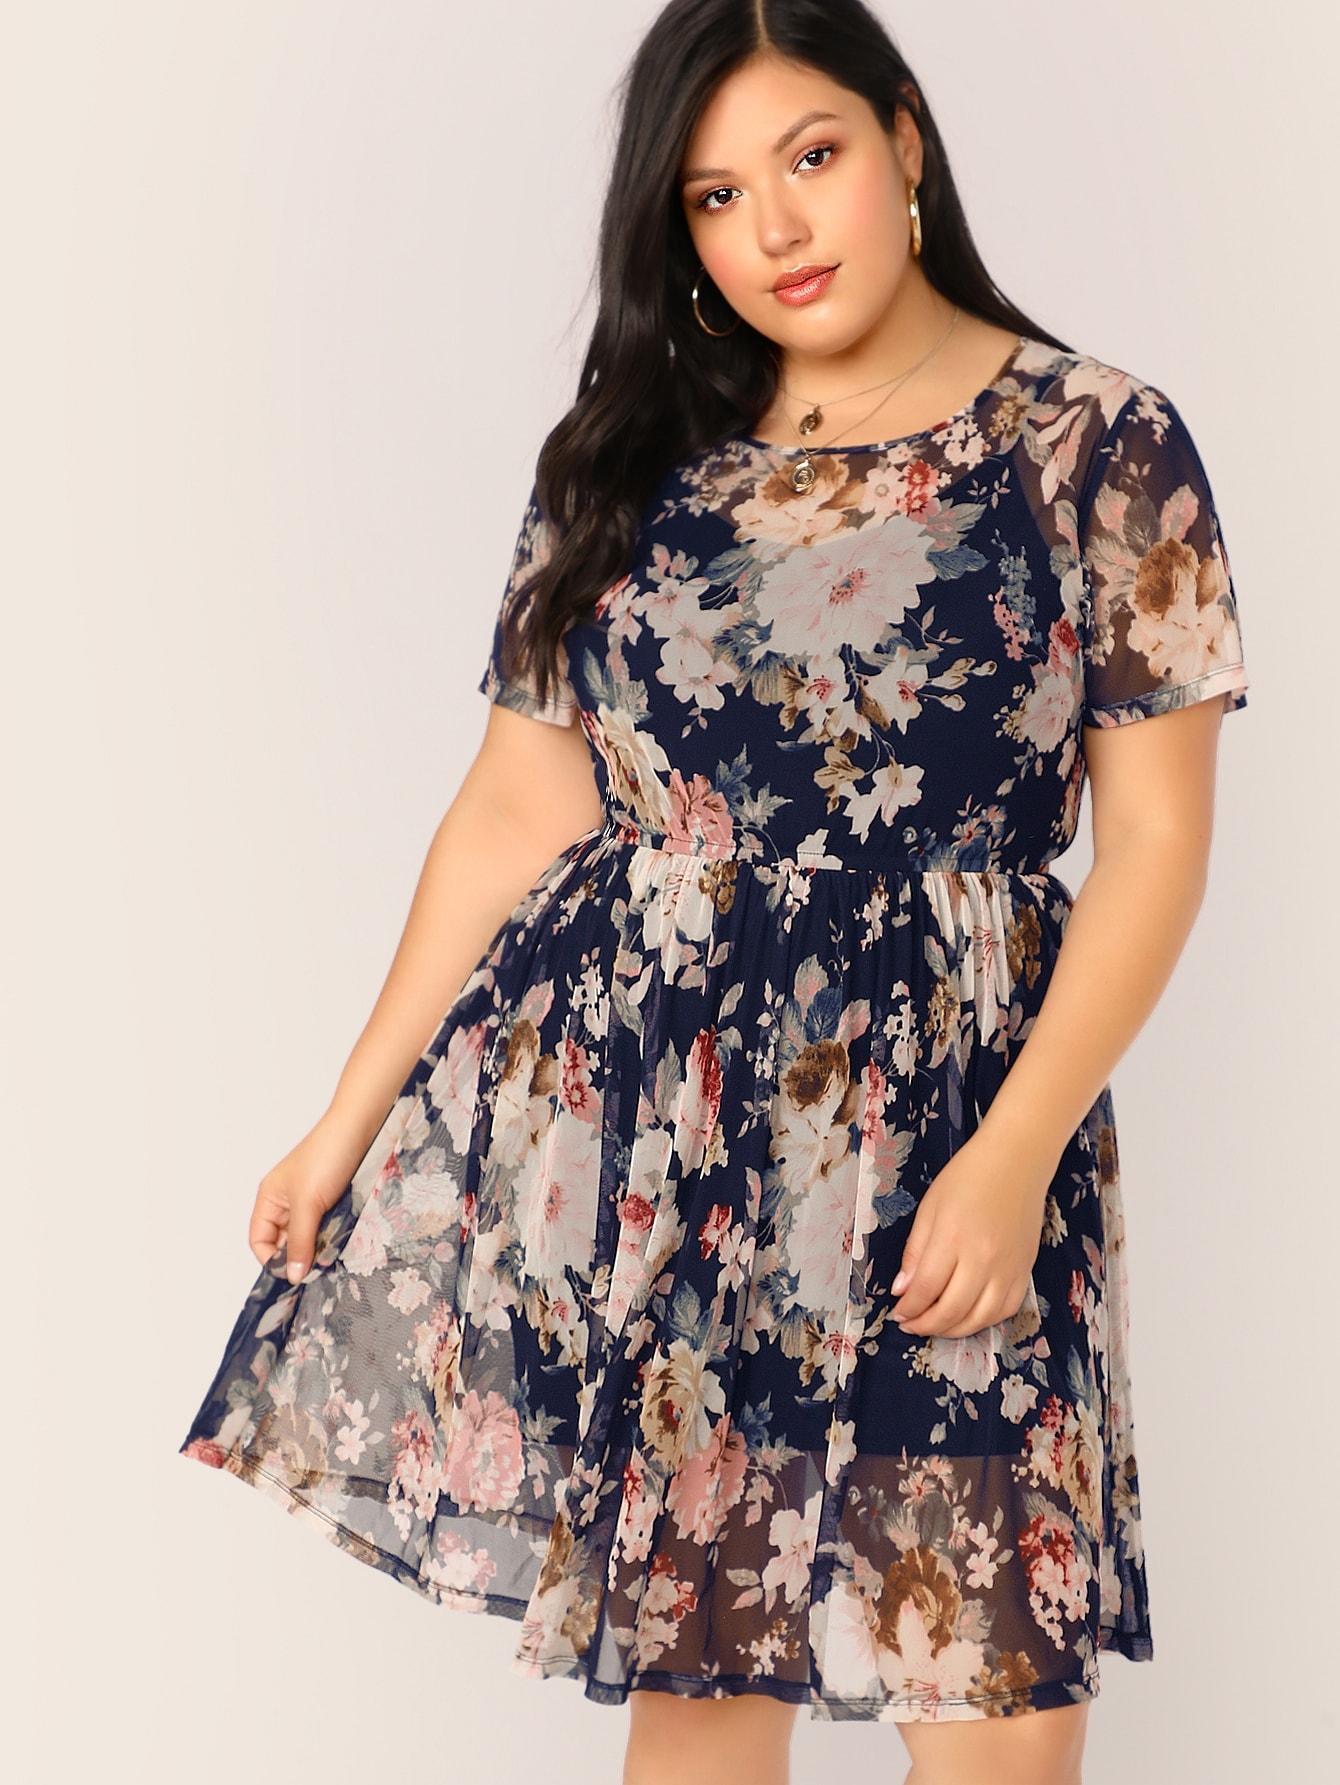 Фото - Полупрозрачное платье с цветочным принтом без майка размера плюс от SheIn цвет многихцветные